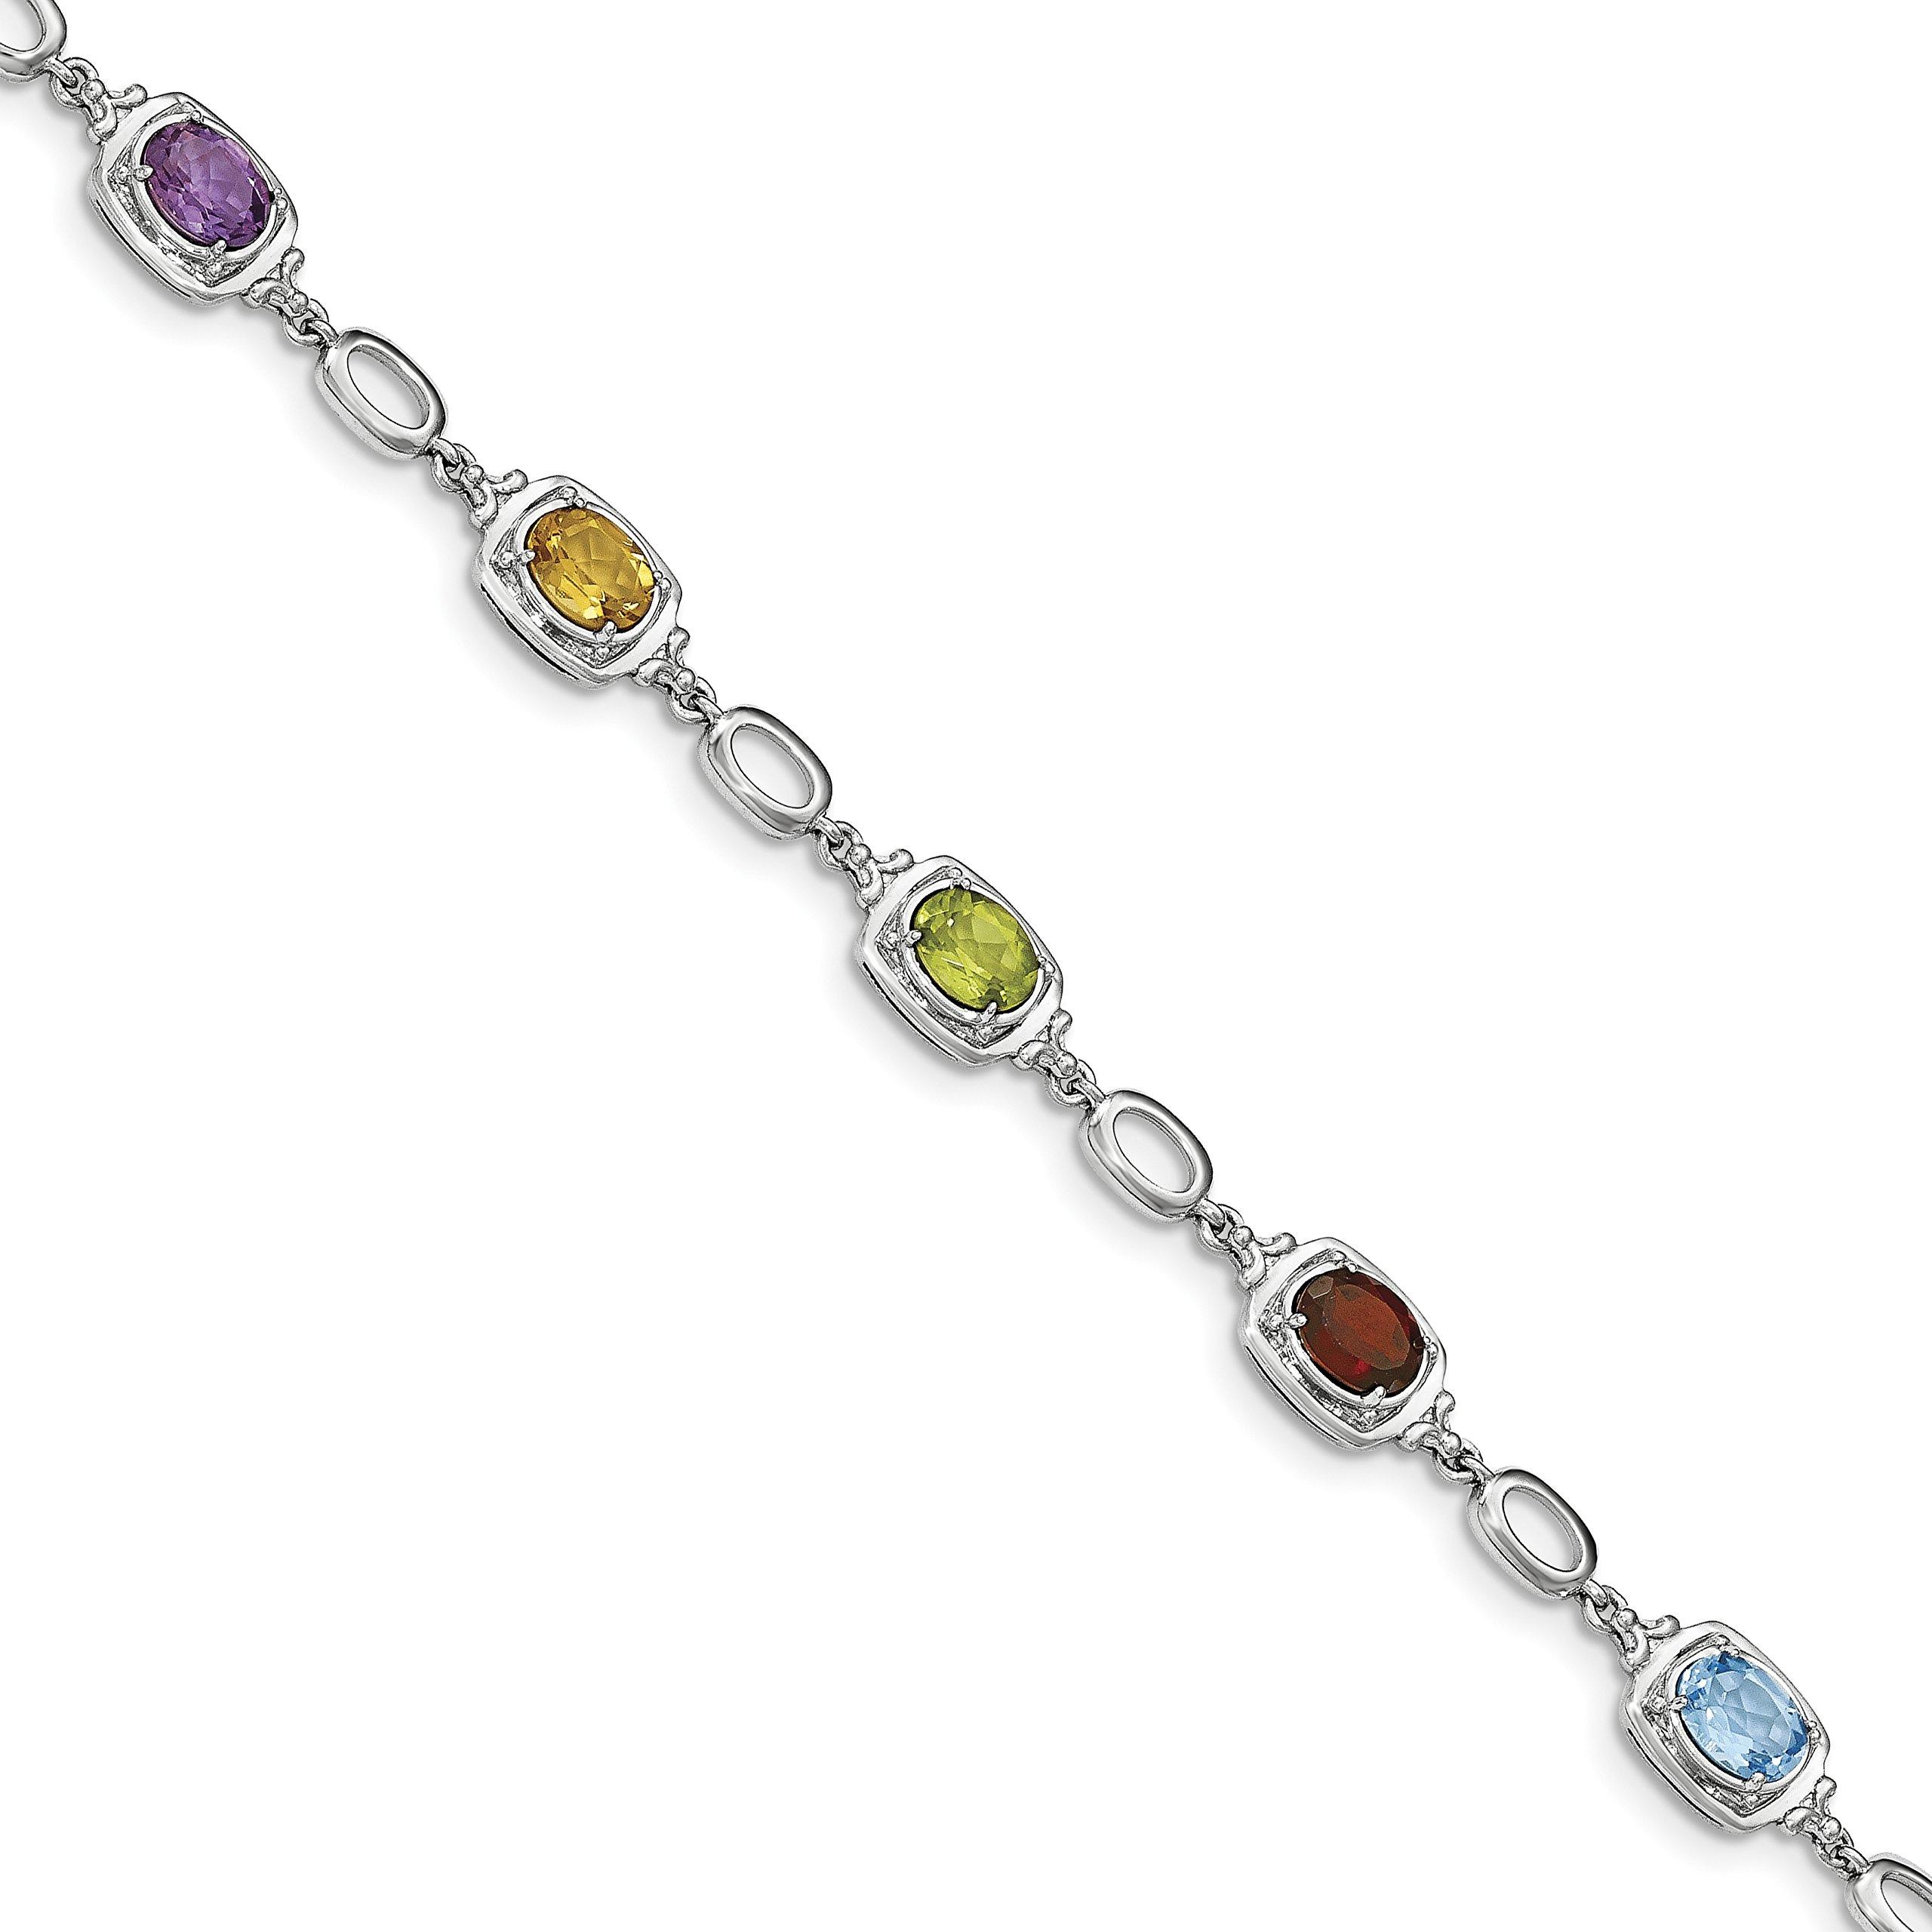 ICE CARATS 925 Sterling Silver Multi Gemstone Link Bracelet 7.50 Inch Fine Jewelry Gift Set For Women Heart